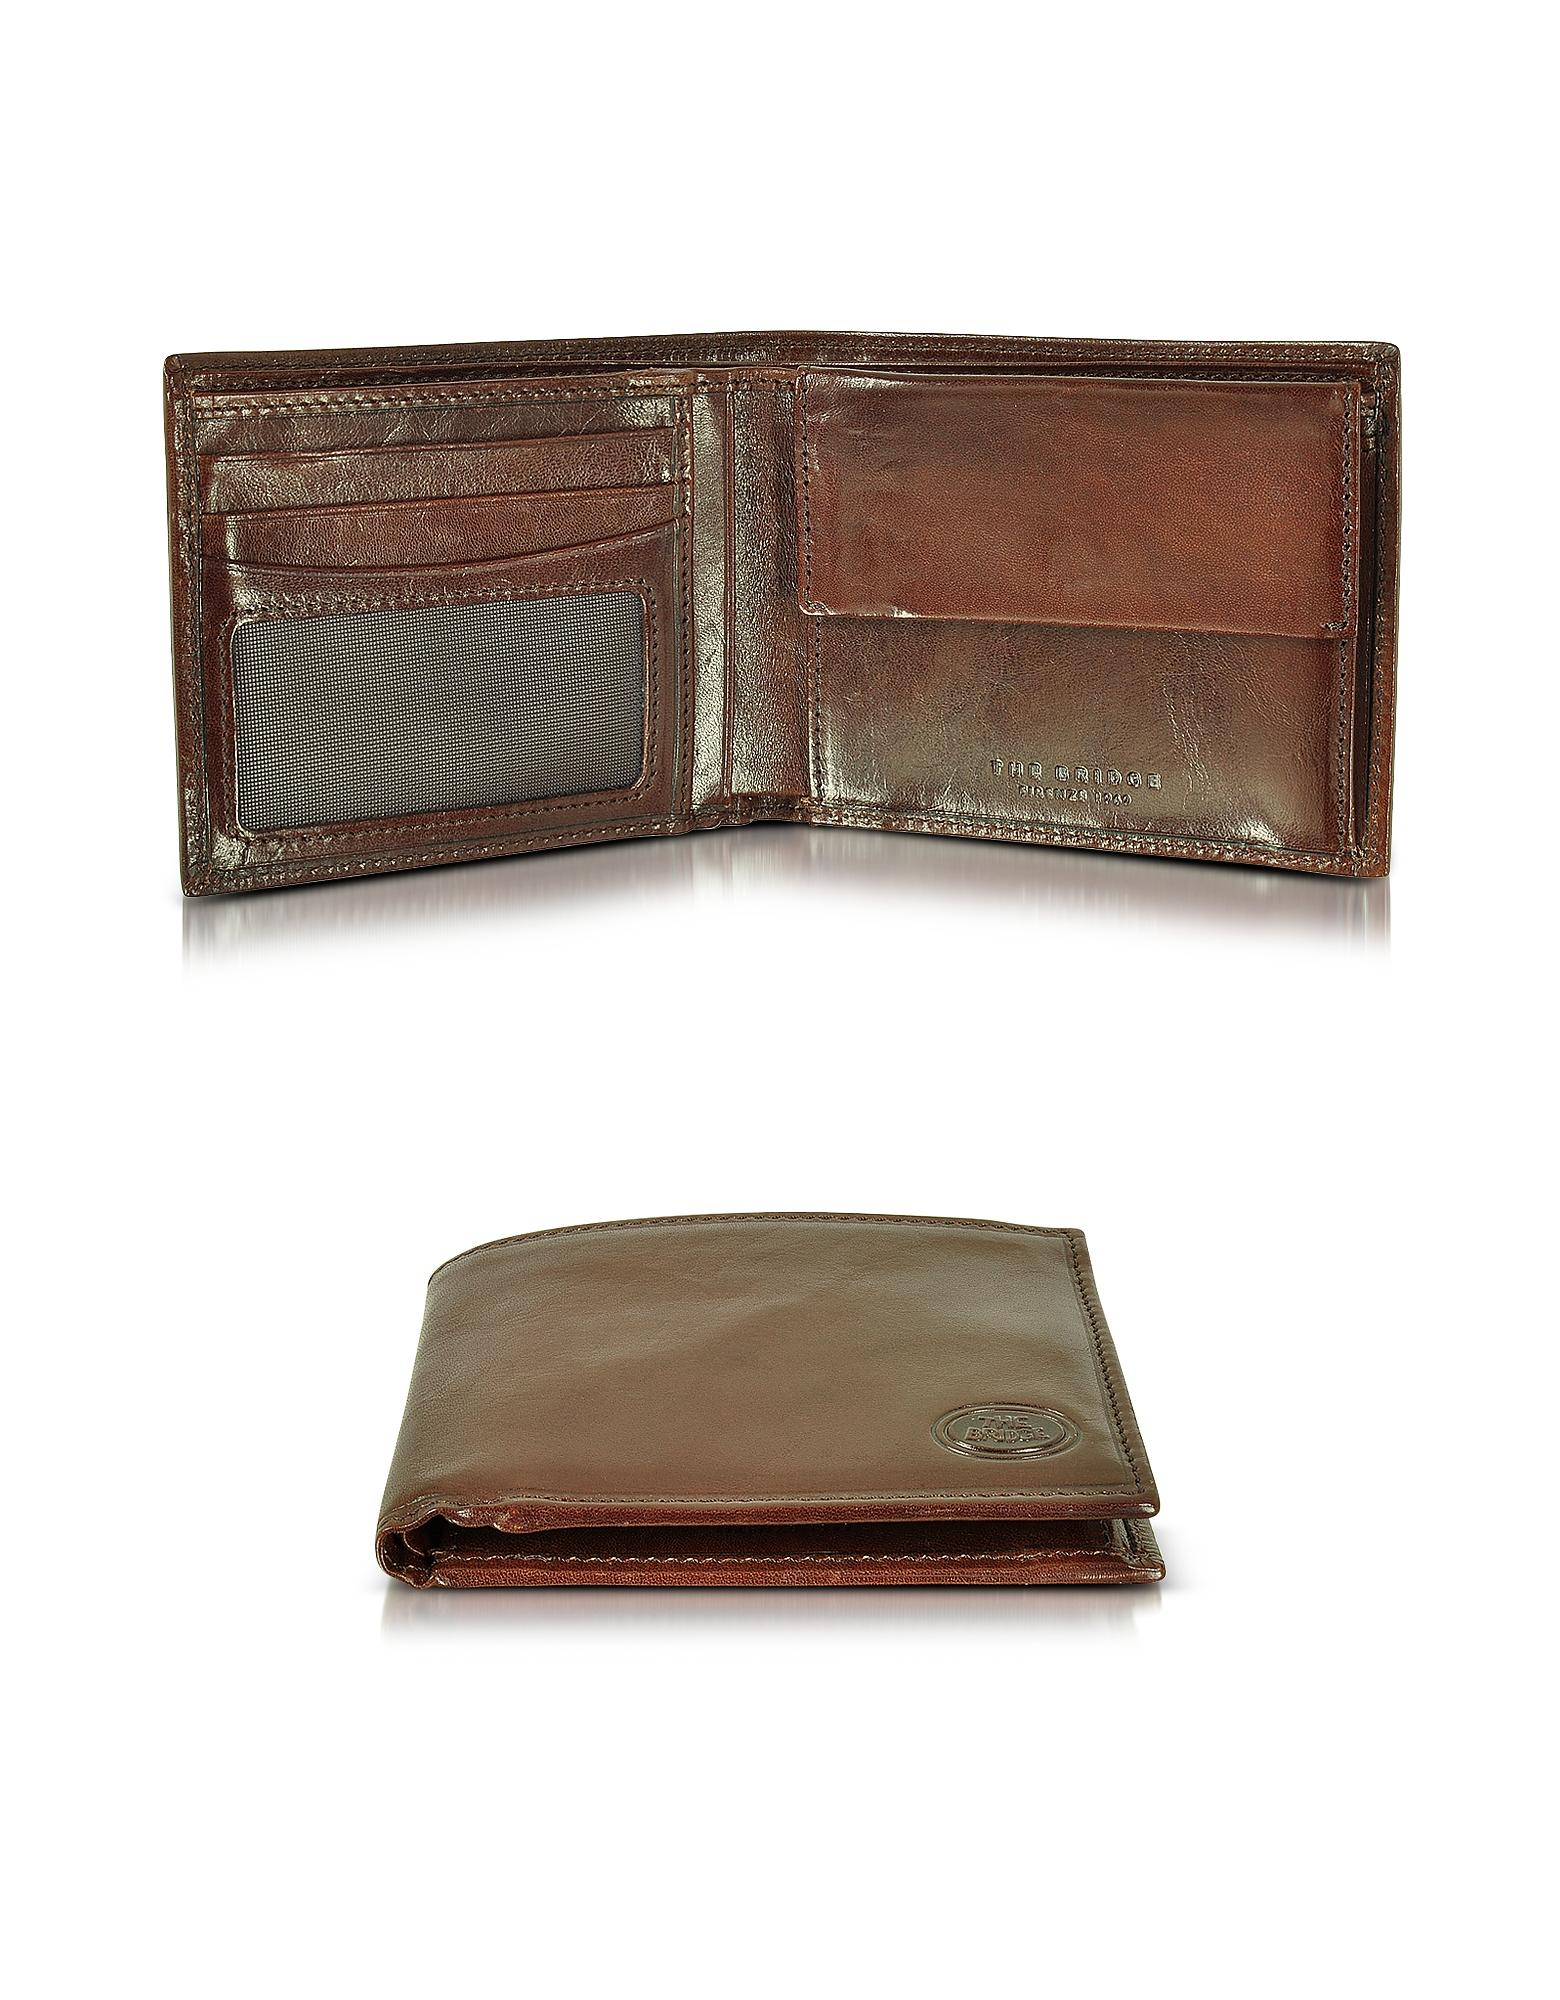 The Bridge Story Uomo - Темно-коричневый Мужской Бумажник с Карманом для Монет